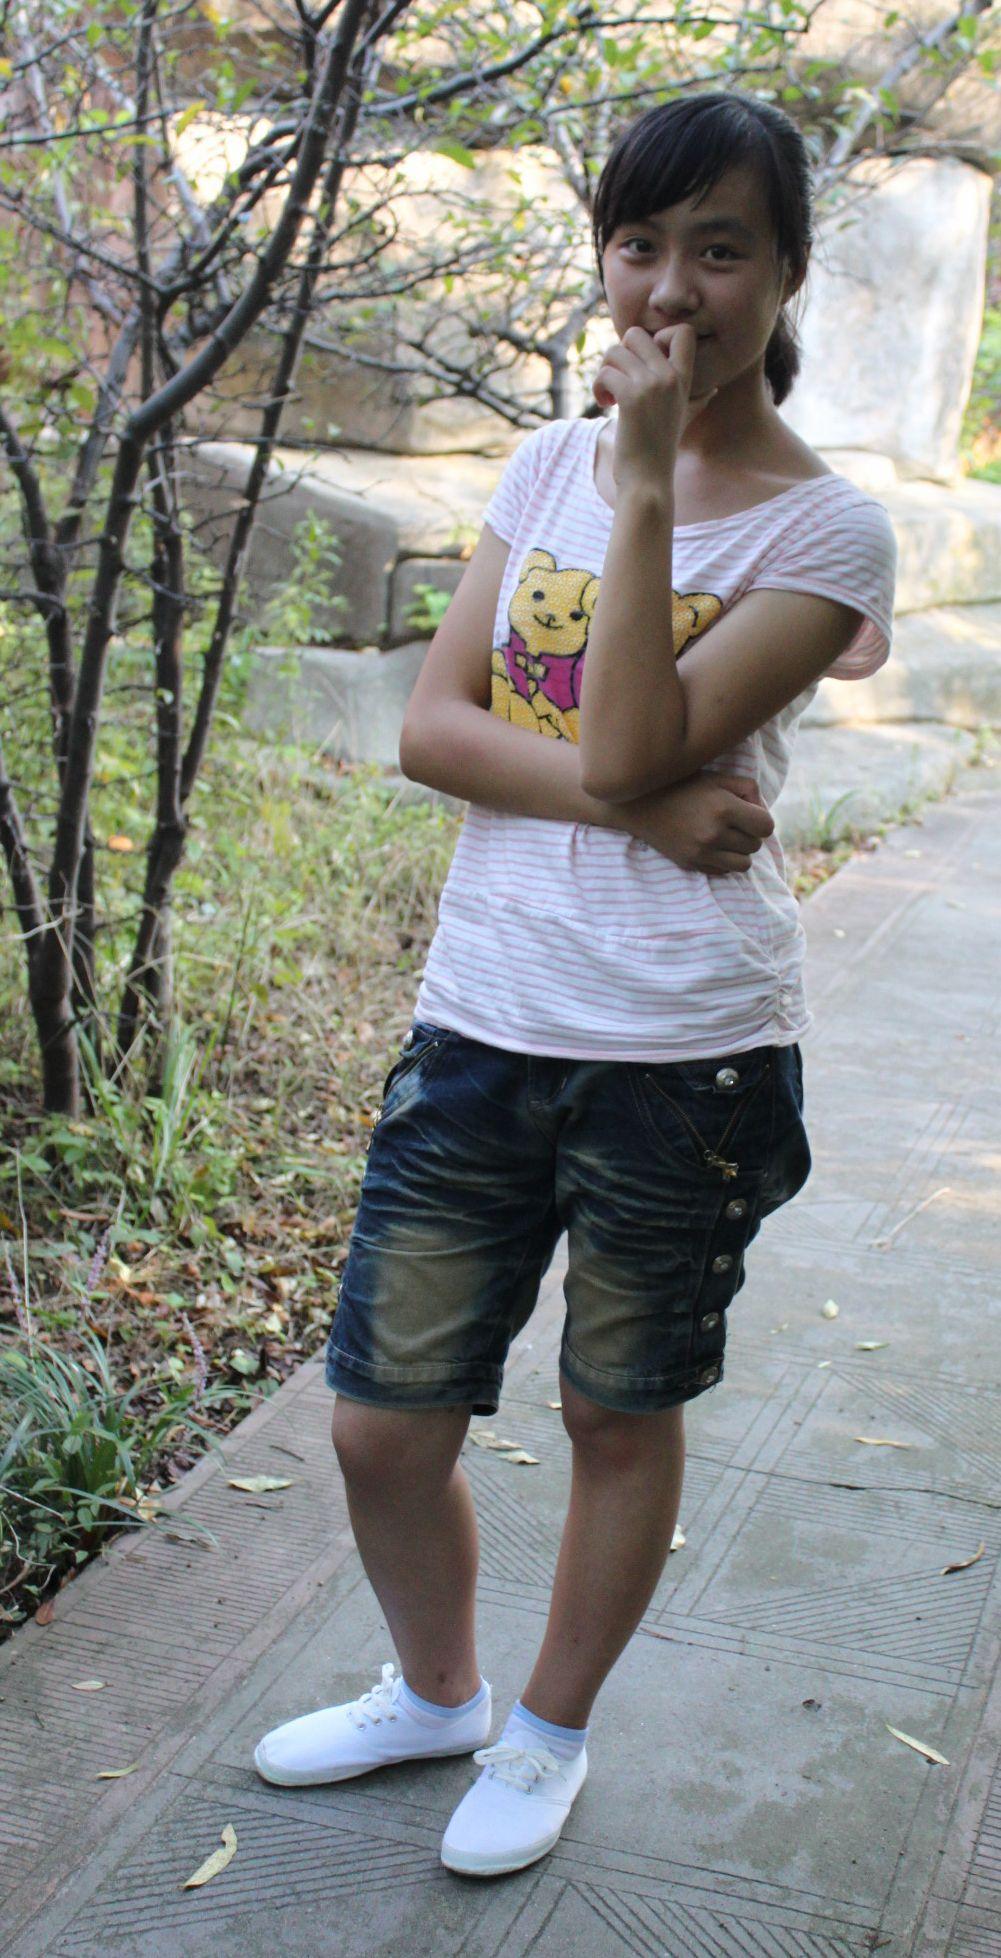 女孩看男孩裤裆_女生踹男生_女生踹男生裤裆_奥巴马踹门_宝马女踹人父亲下跪 ...